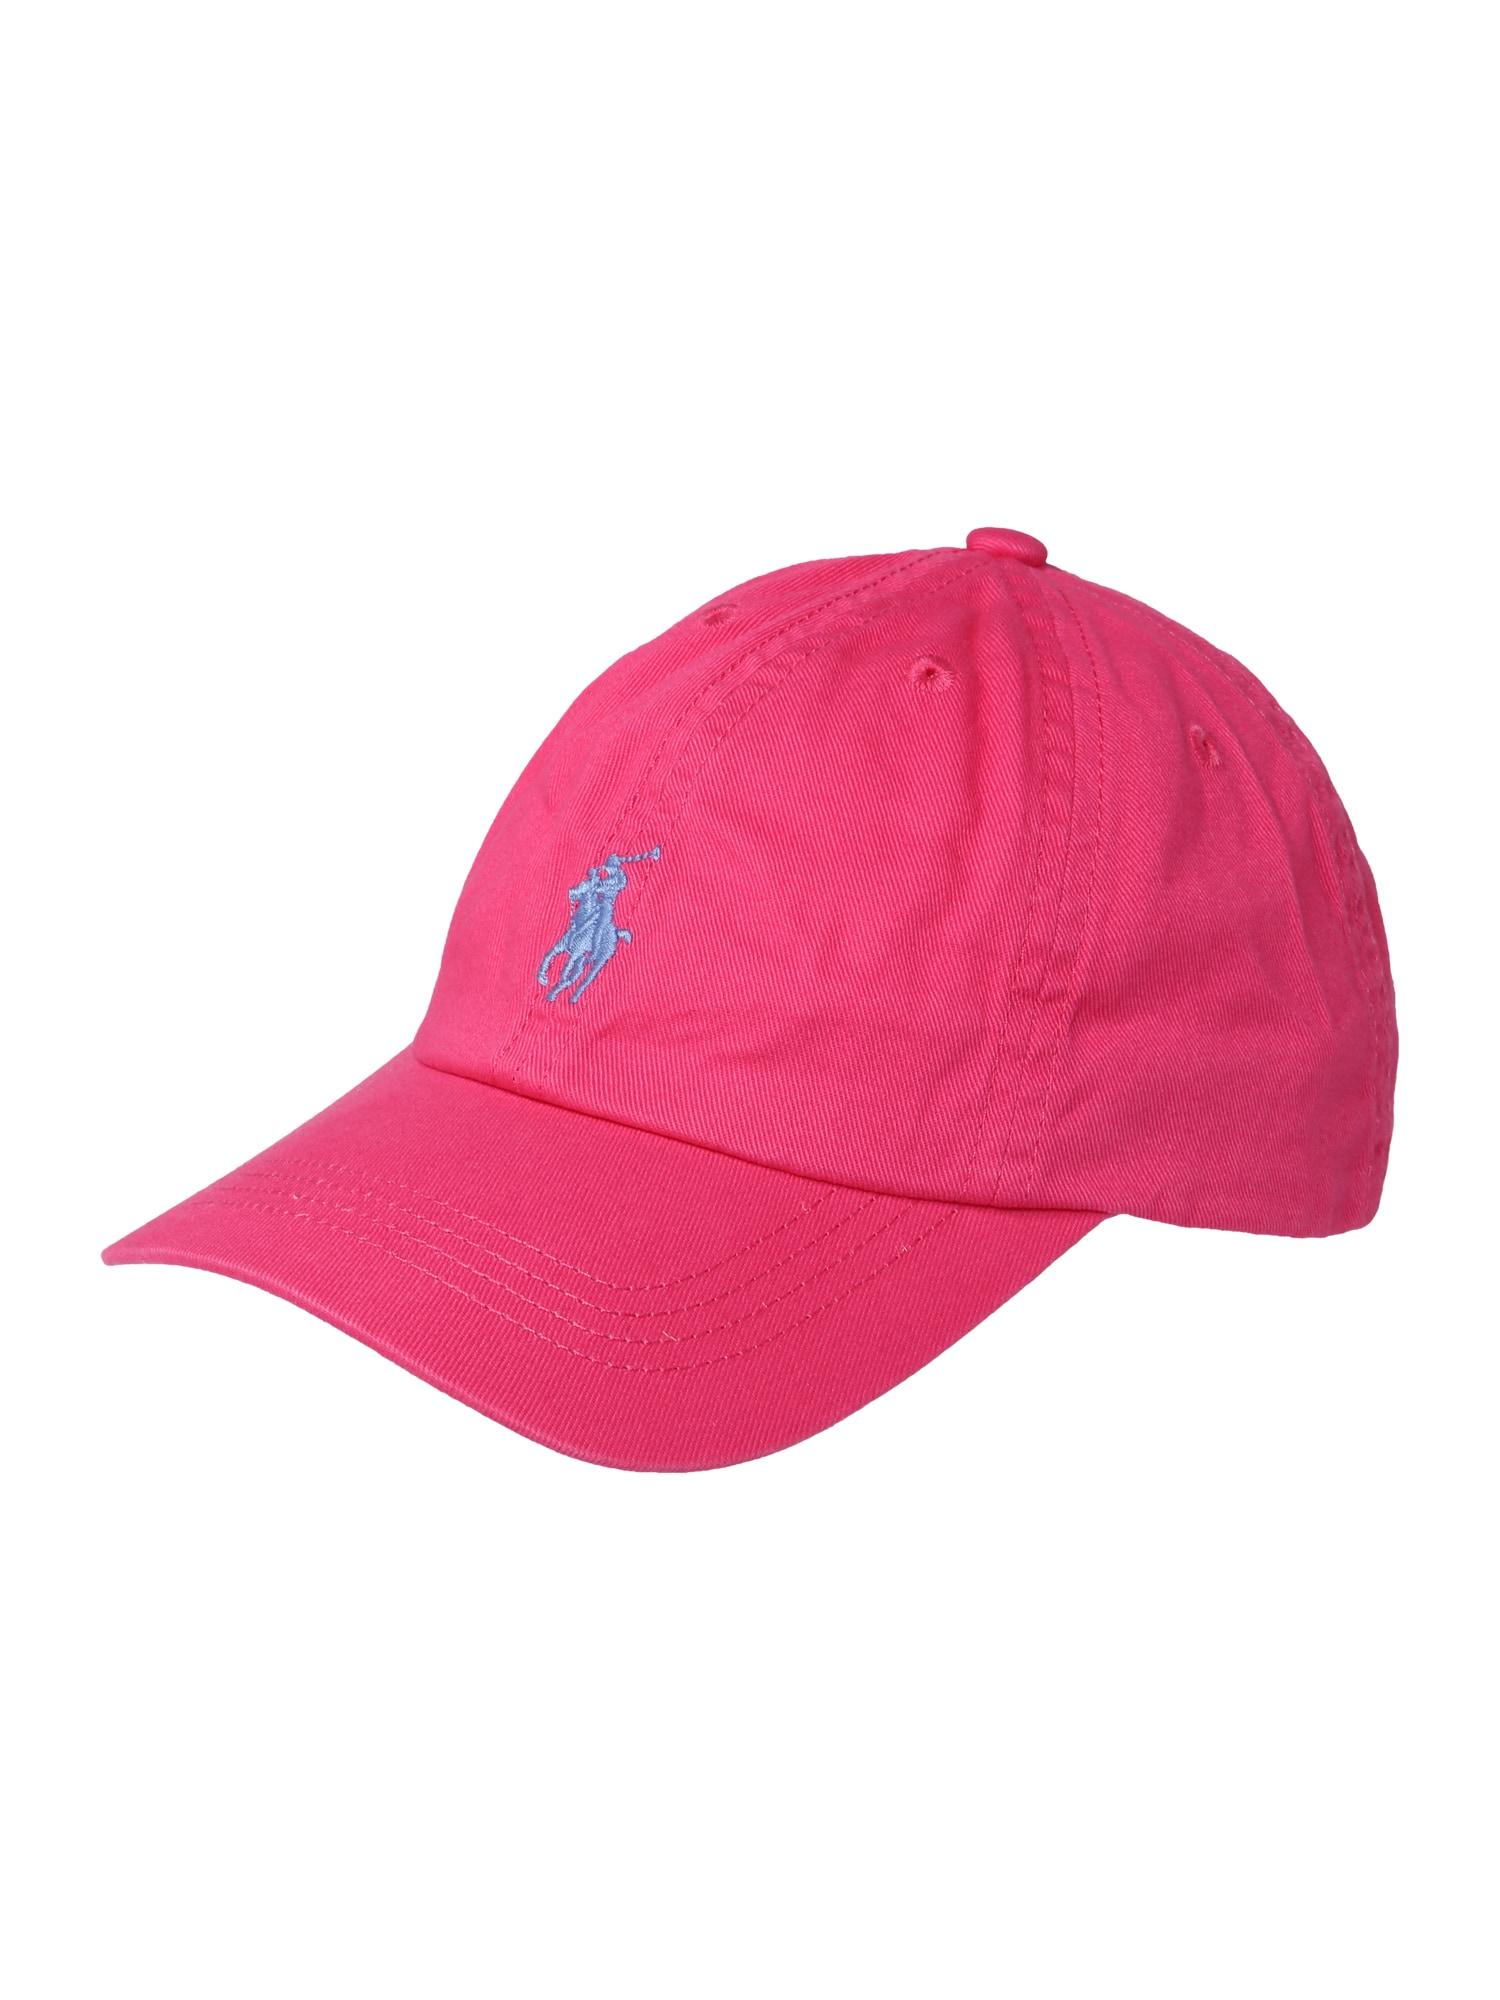 Klobouk CHINO-CHINO BB HAT-AC-HAT pink POLO RALPH LAUREN